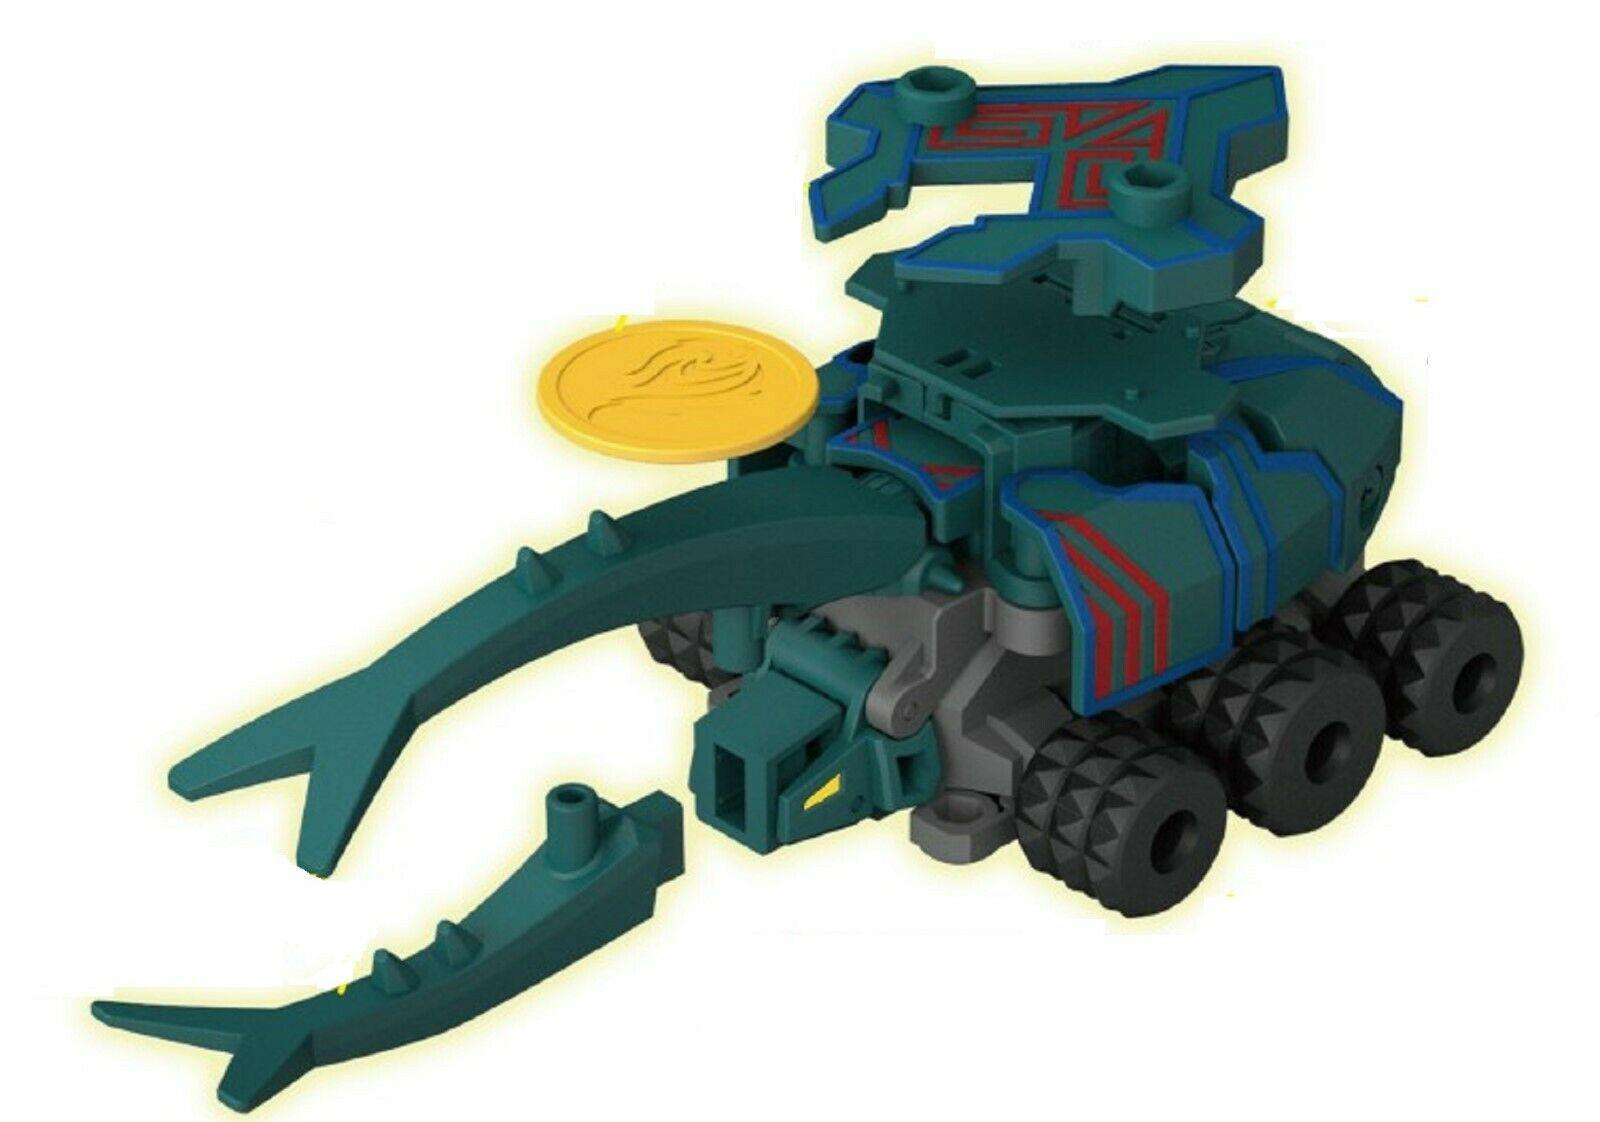 Bugsbot Ignition Basic B-09 Battle Centaurus Action Figure Battling Bug Toy